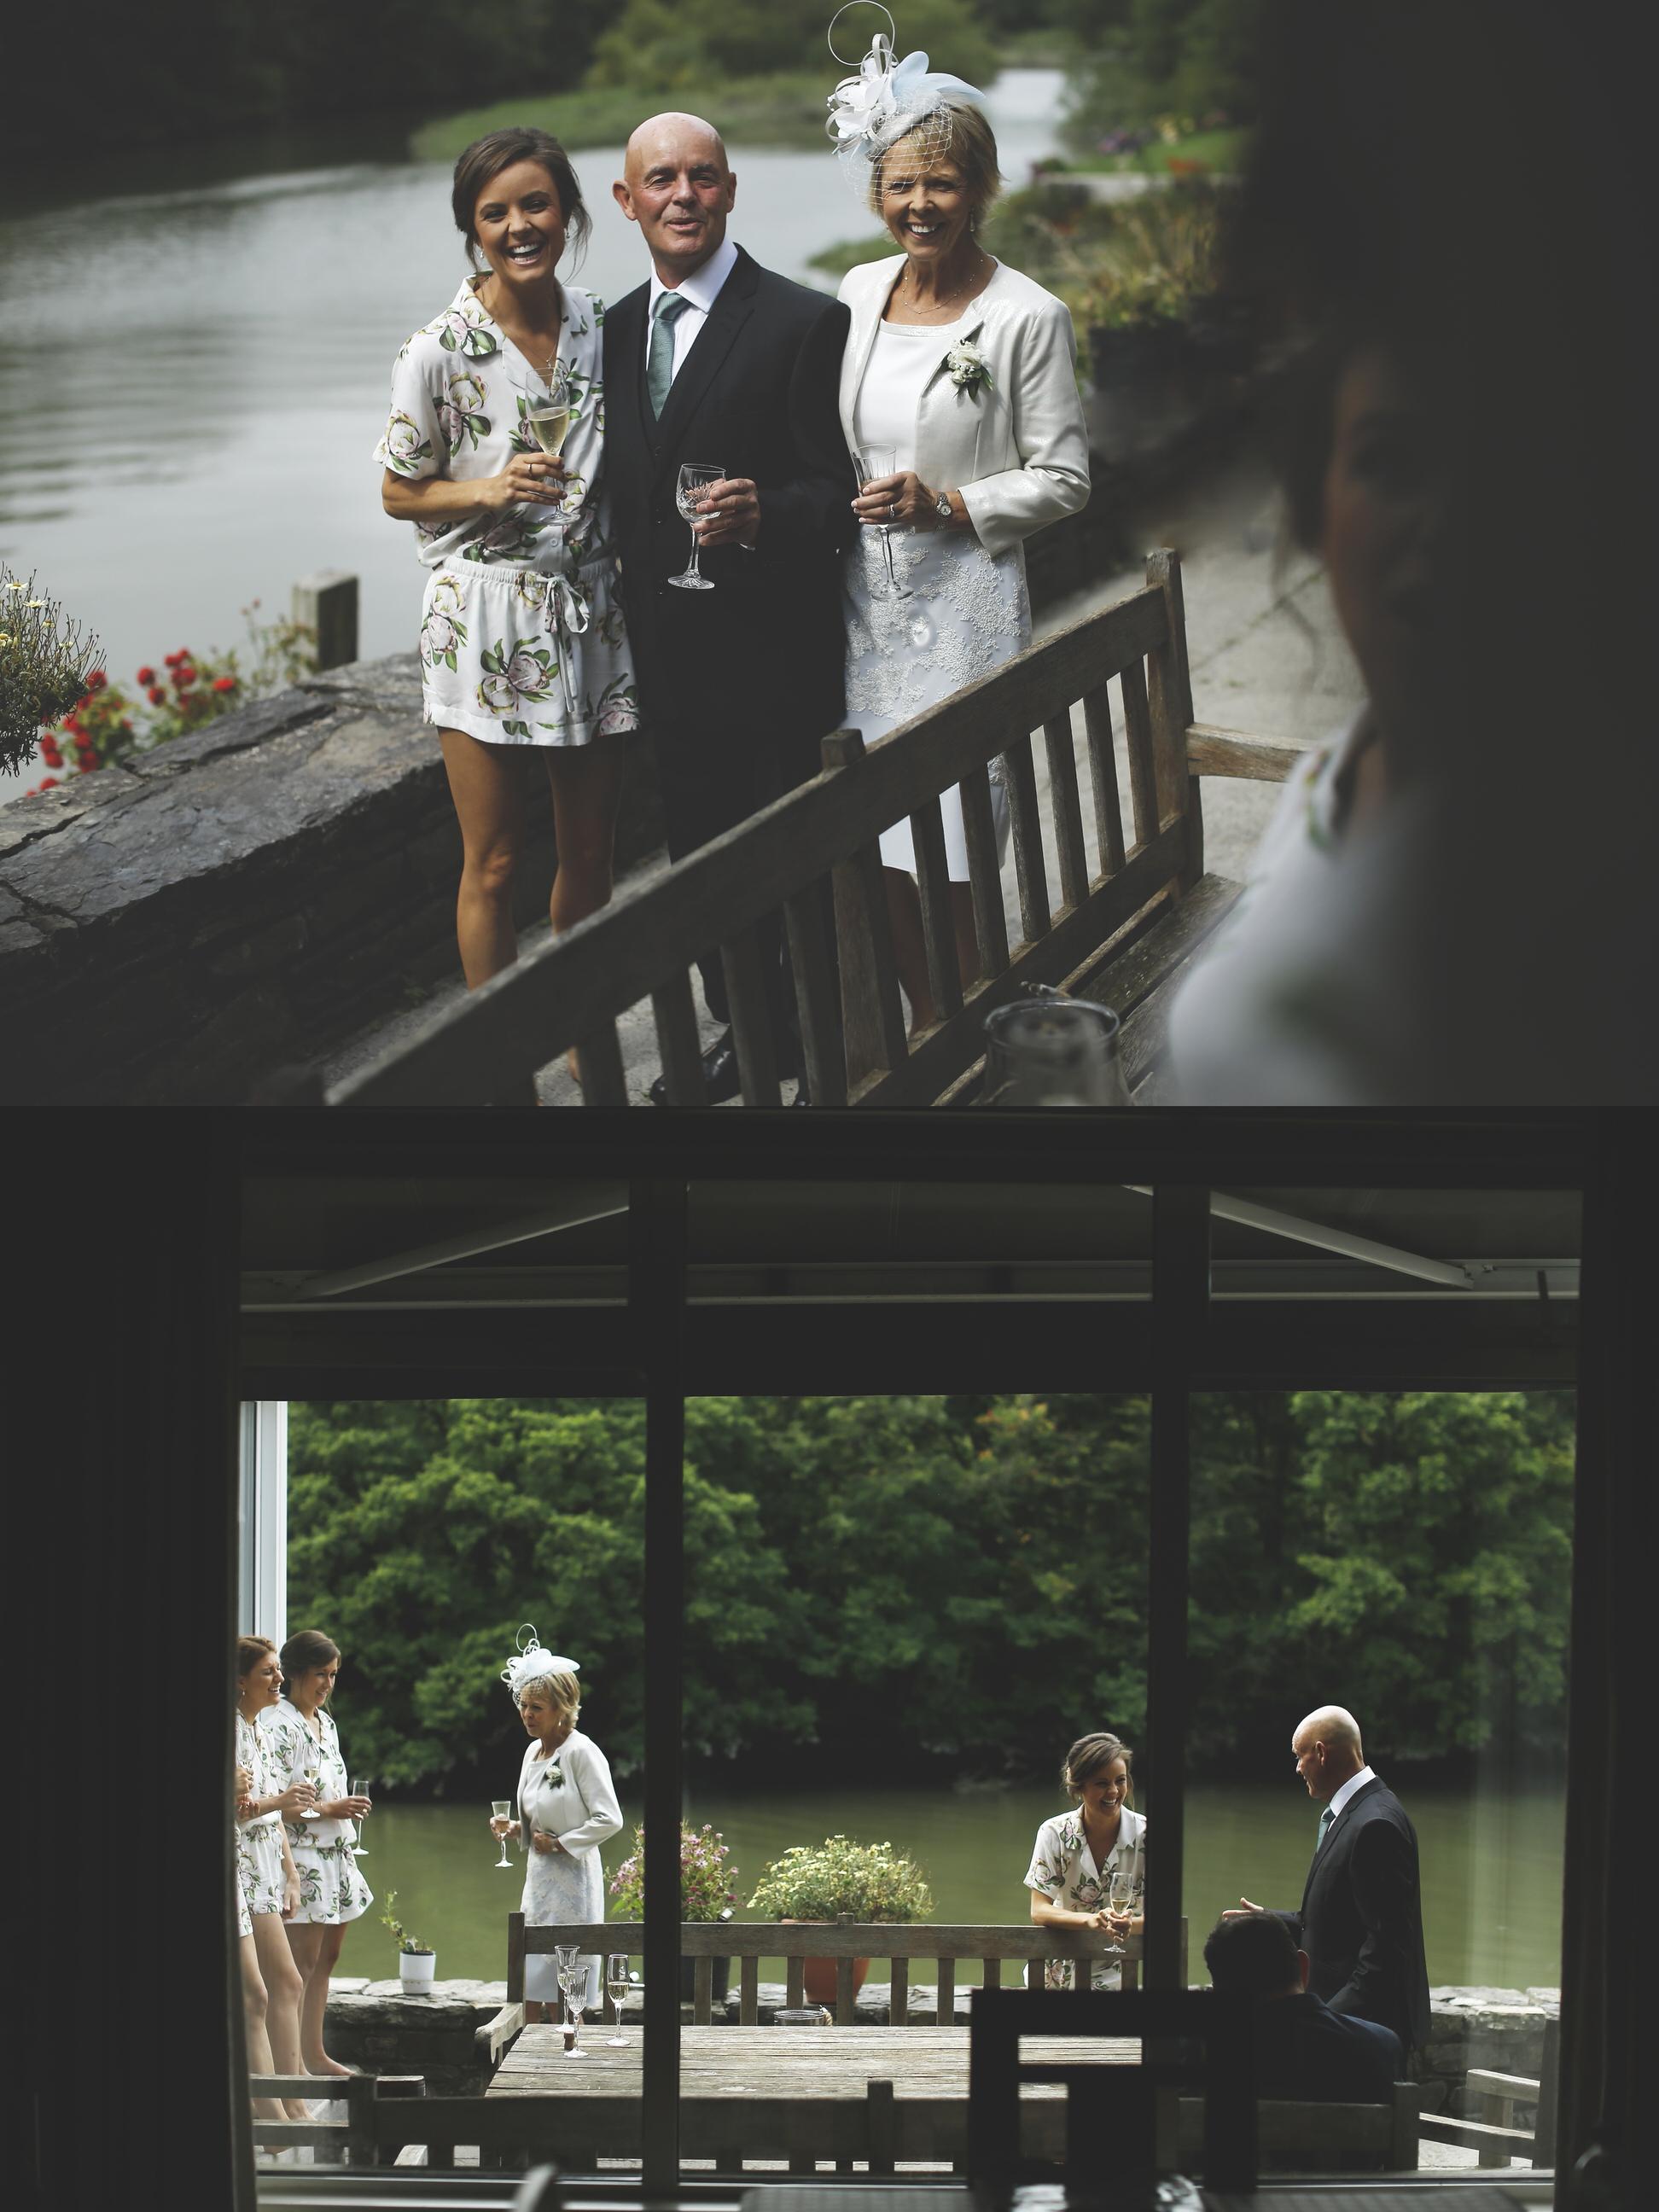 brettharkness-destination-wedding-photographer-ireland_0009.jpg